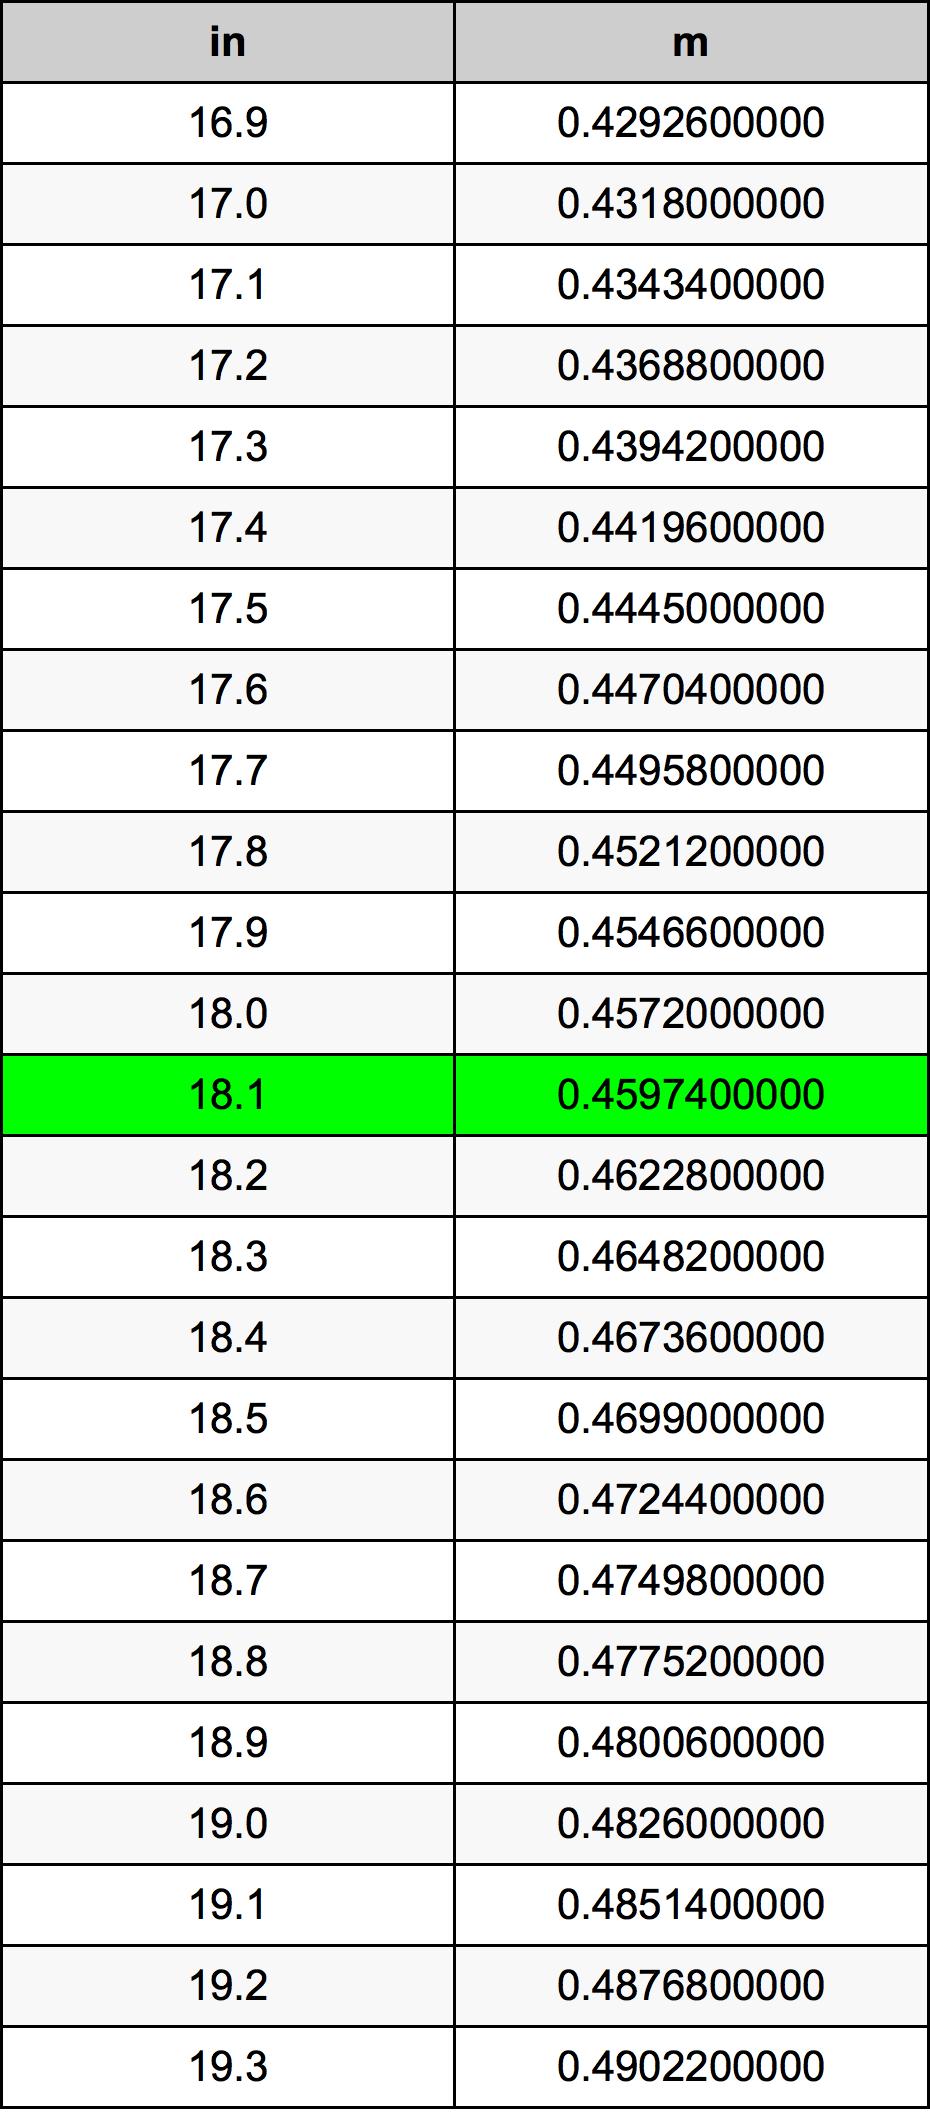 18.1 بوصة جدول تحويل